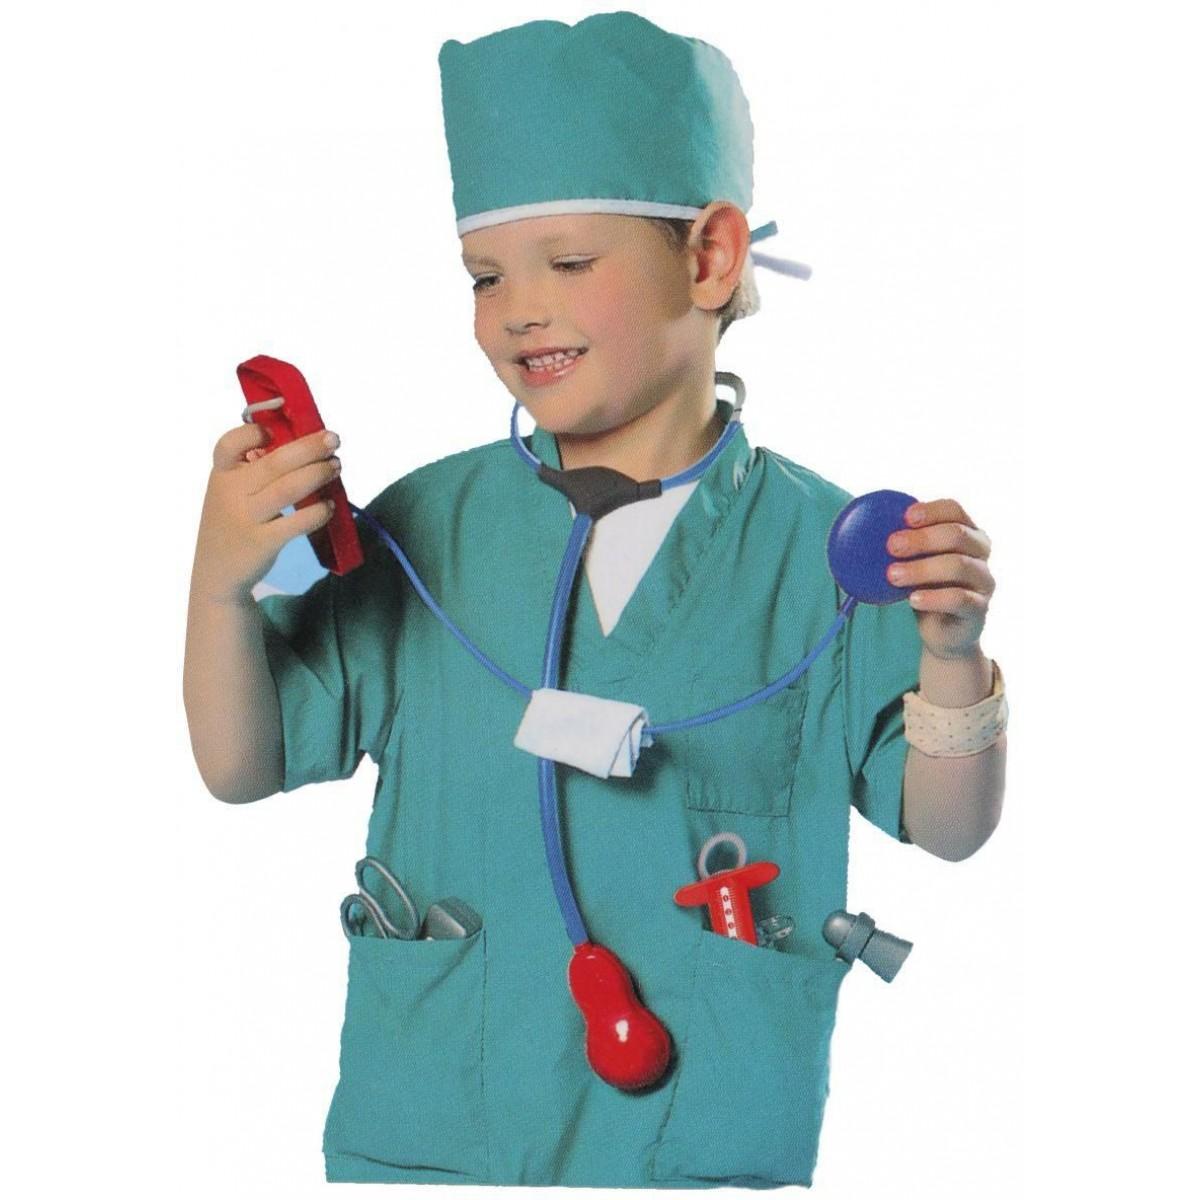 ملابس مهن زي الطبيب جراح مع علبه DON-0969L